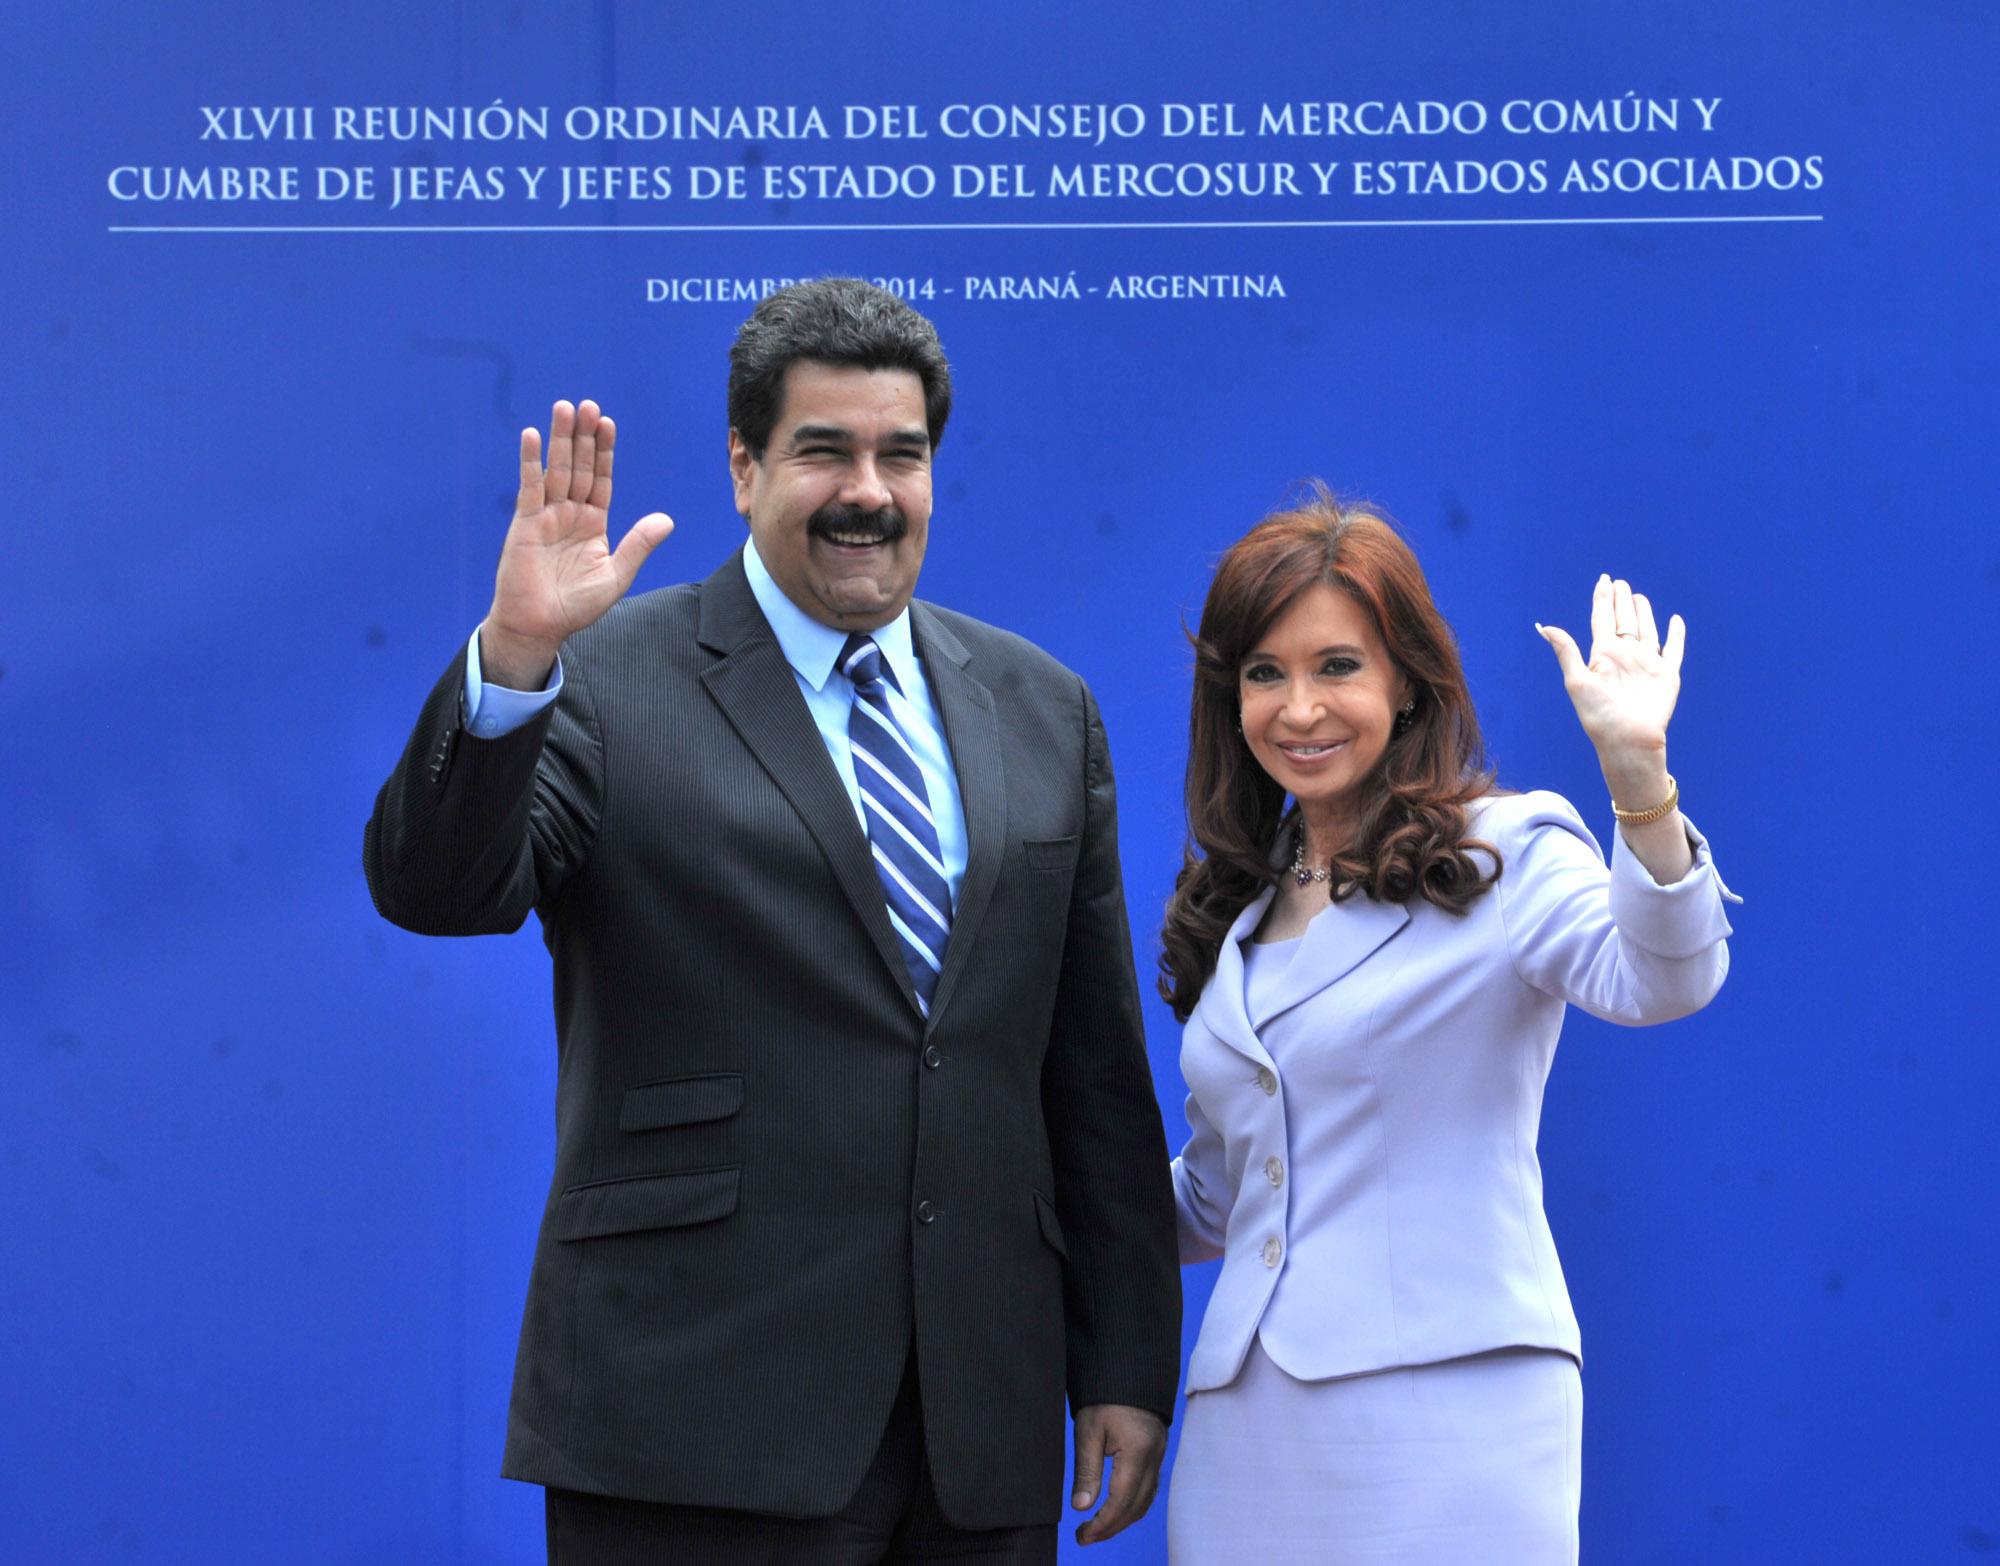 Cristina y Maduro en Mercosur, Entre Ríos